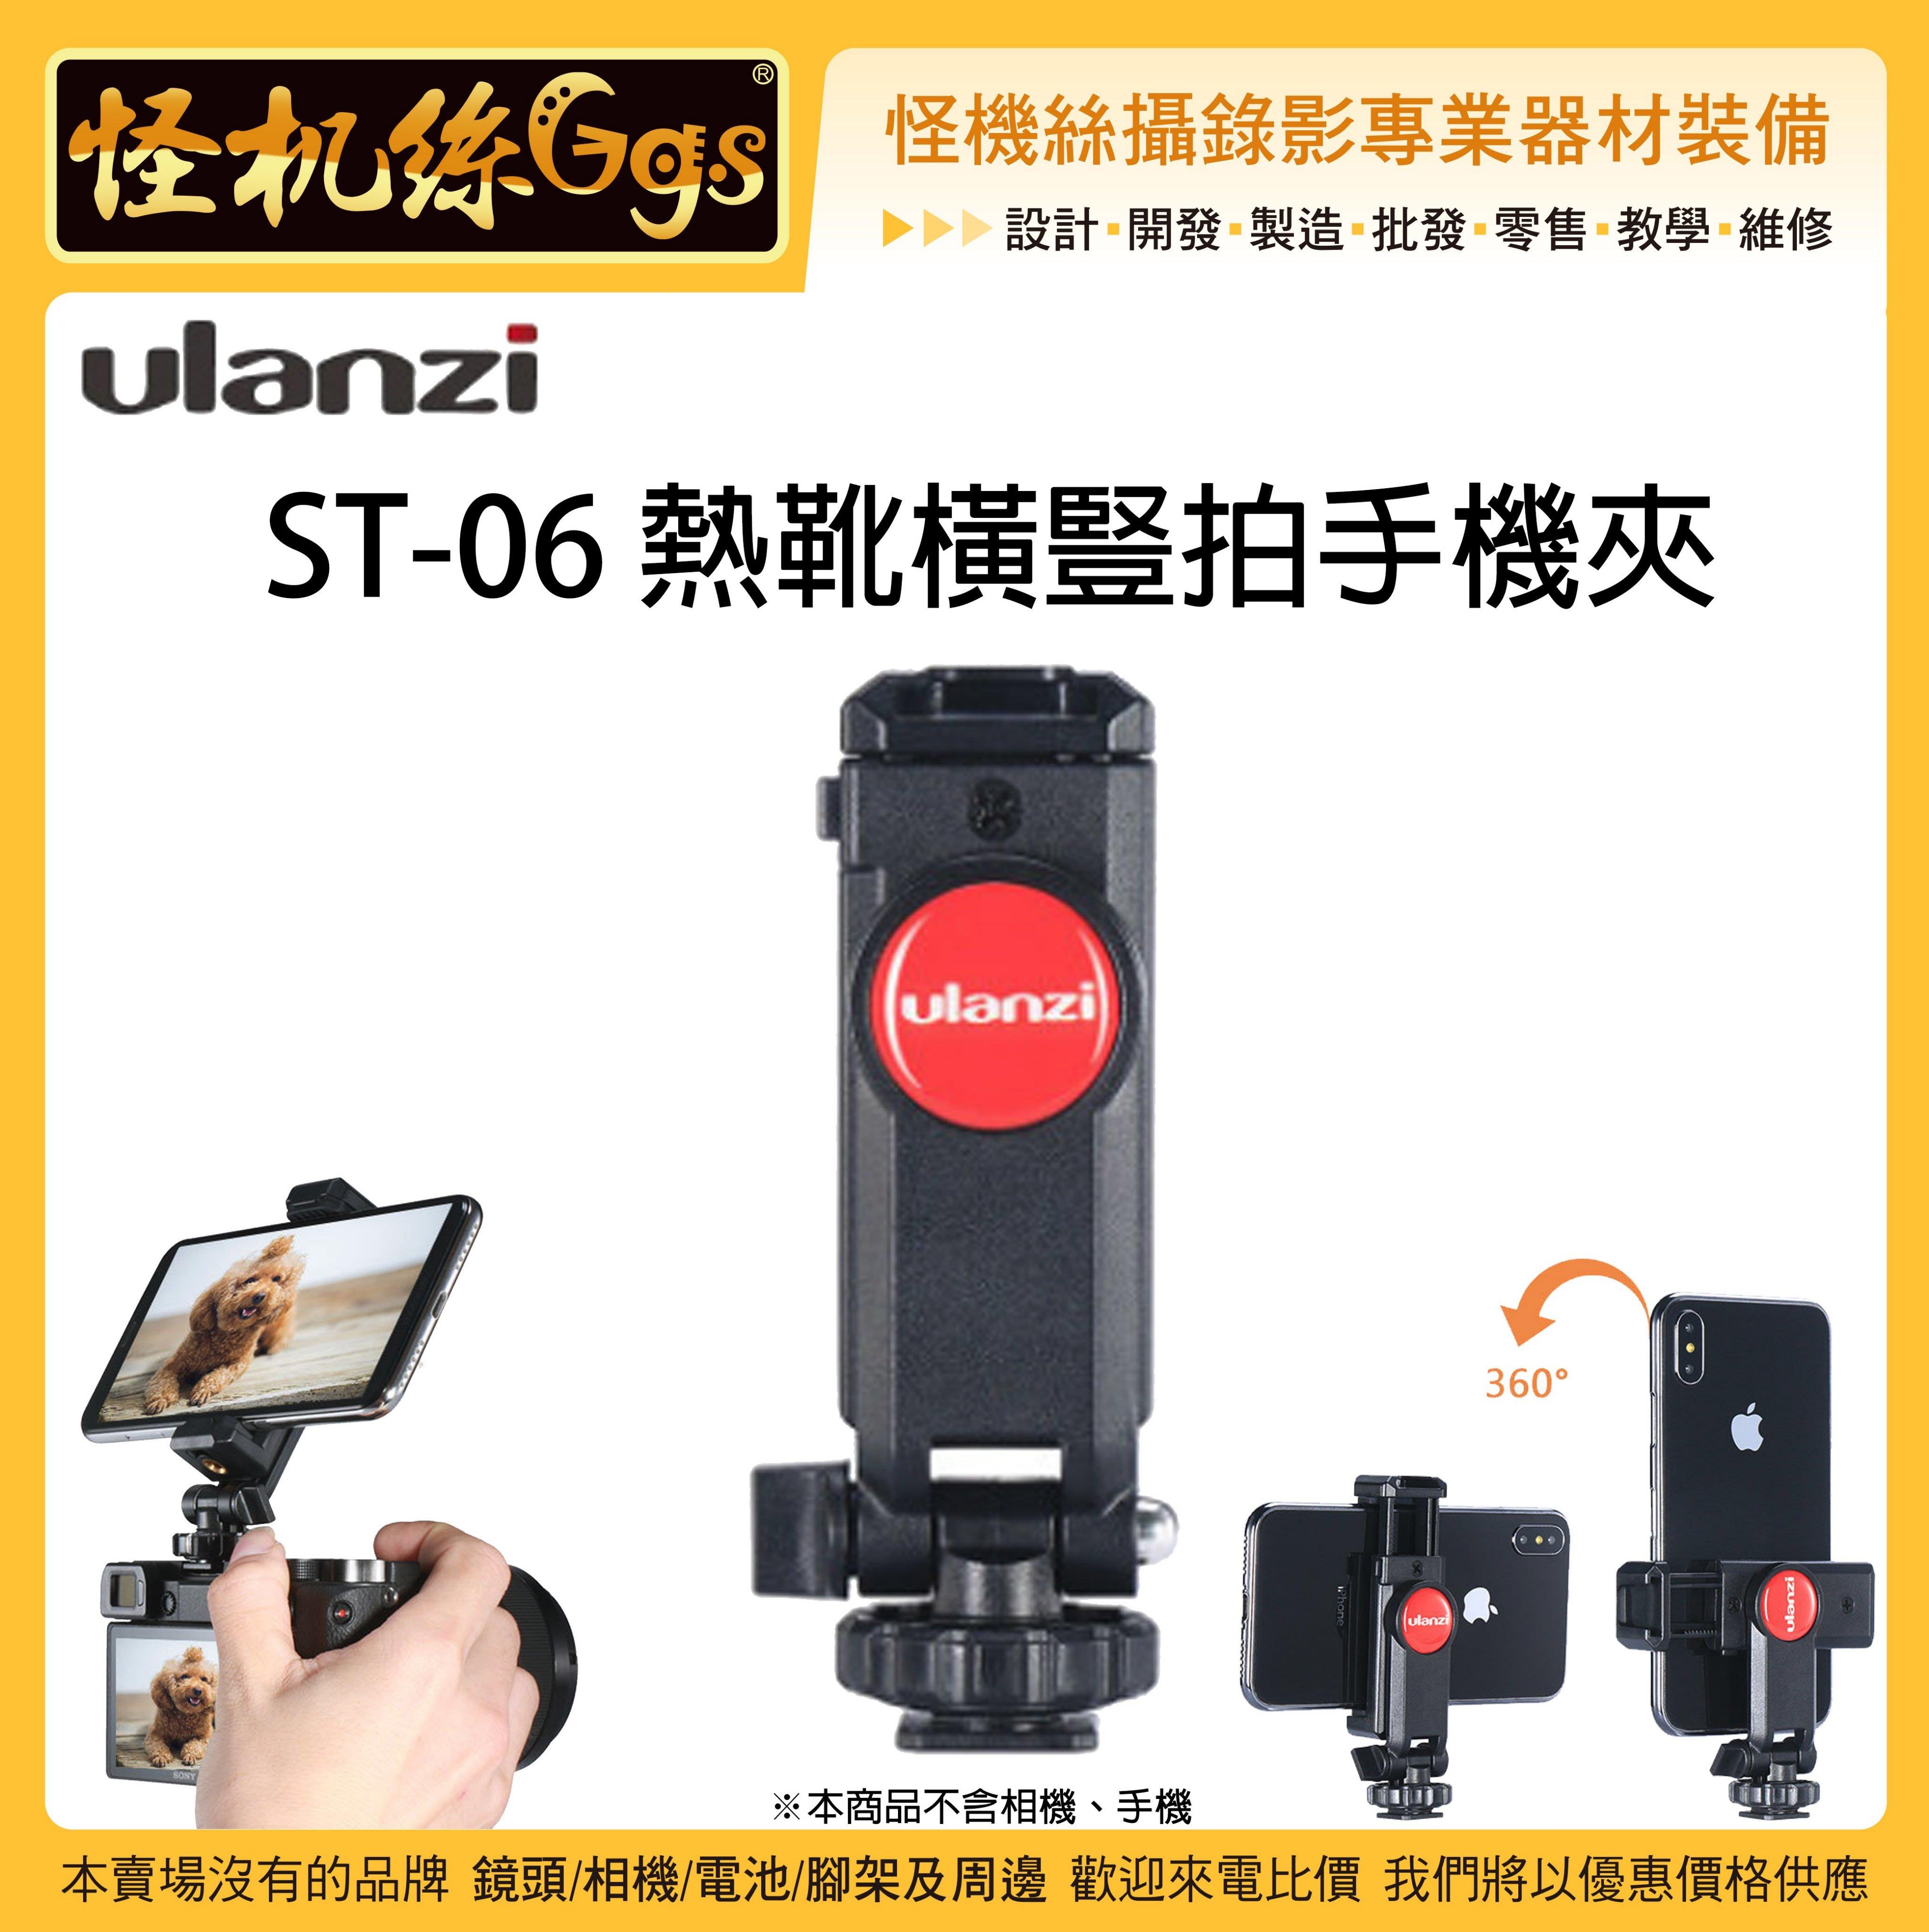 怪機絲 Ulanzi ST-06 熱靴橫豎拍手機夾 直拍 橫拍 熱靴座 手機夾 螢幕 相機 冷靴 麥克風 補光